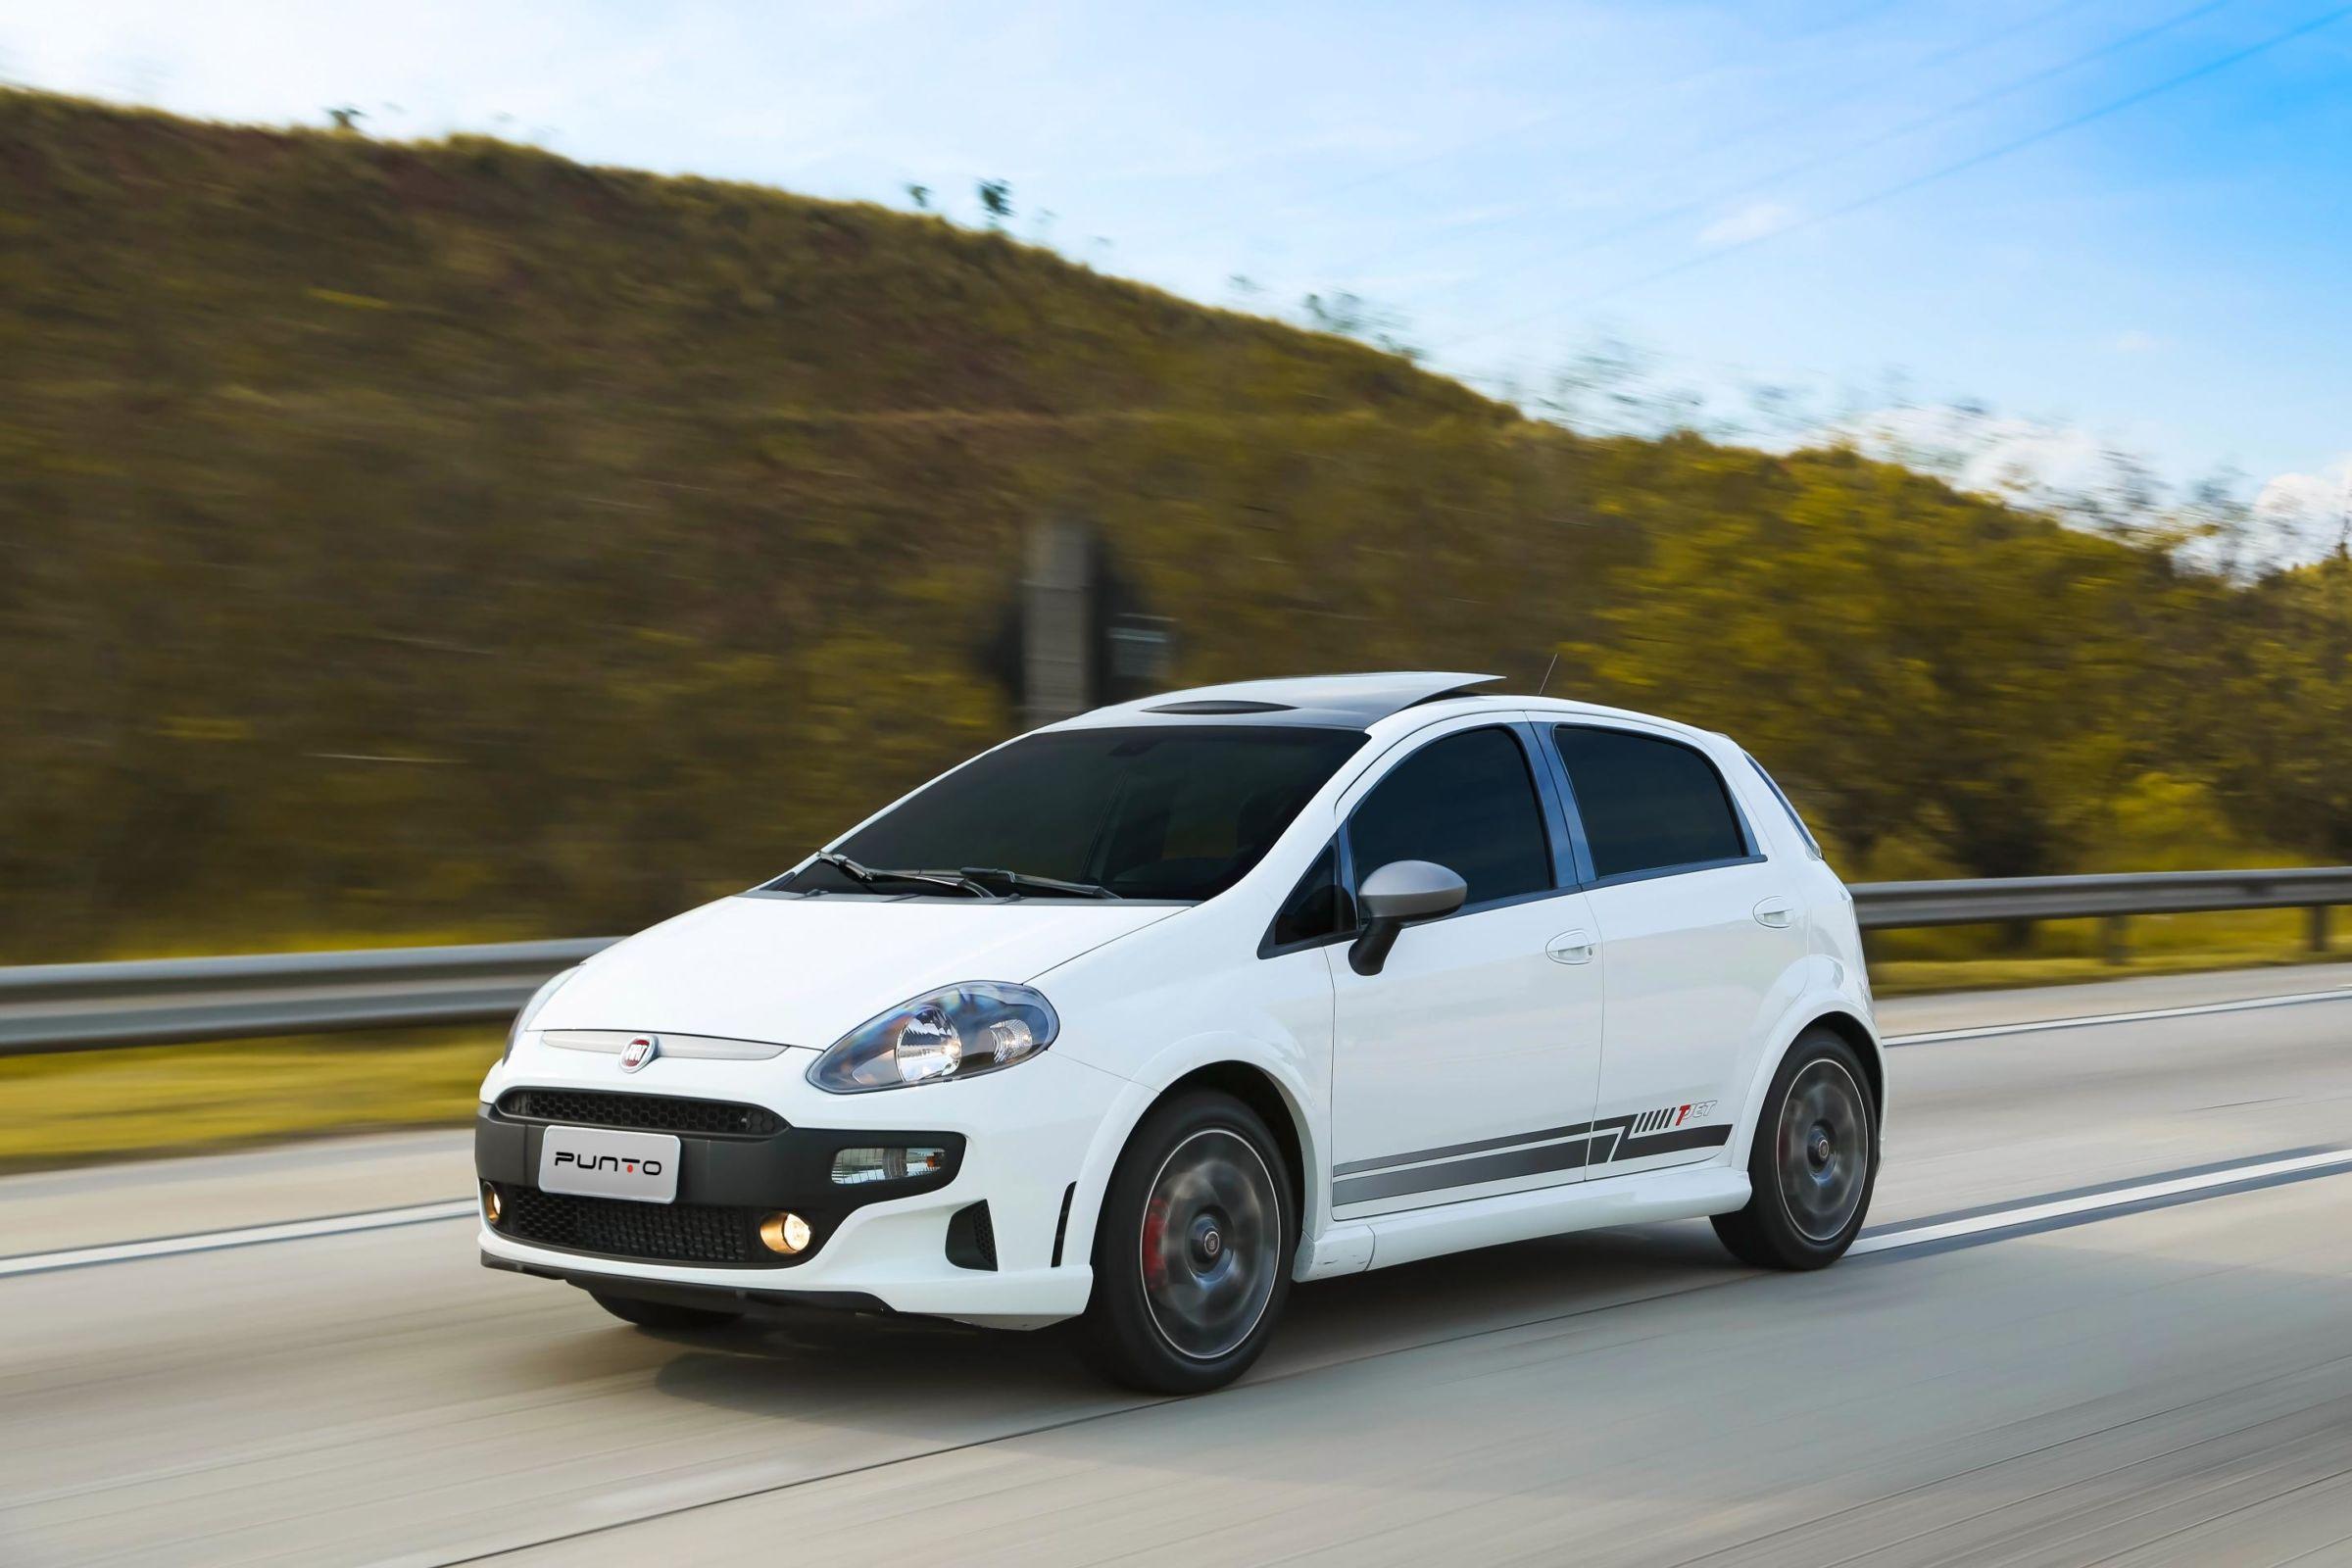 fiat punto t jet Com a confirmação dos motores Firefly turbo na gama da Fiat, é um bom momento para relembrar esses modelos da italiana que marcaram época.